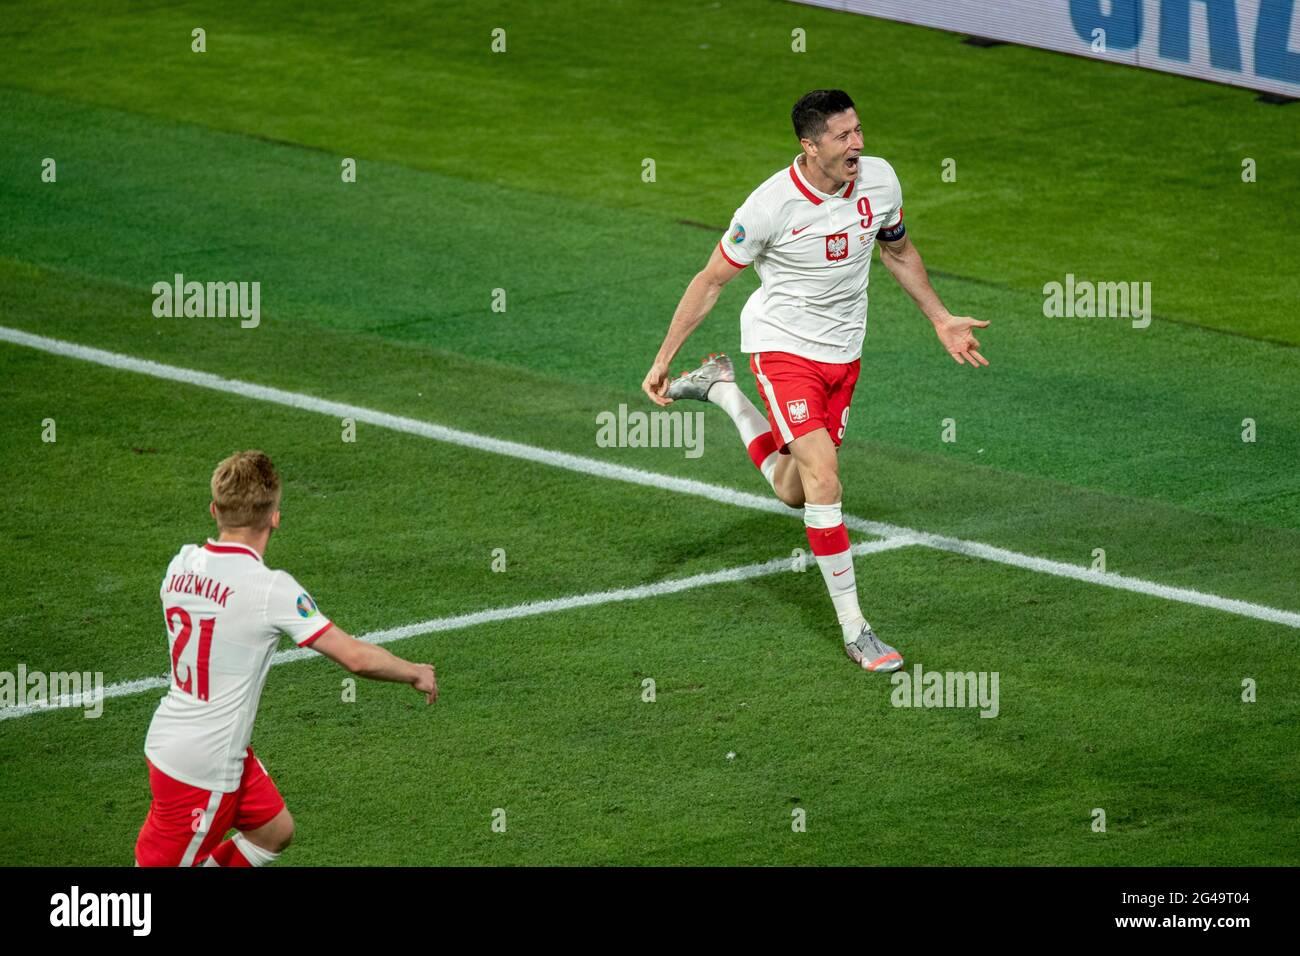 Séville, Espagne. 19 juin 2021. Robert Lewandowski (R), de Pologne, célèbre son but lors du match du Groupe E entre l'Espagne et la Pologne à l'Euro 2020 de l'UEFA à Séville (Espagne), le 19 juin 2021. Credit: Meng Dingbo/Xinhua/Alay Live News Banque D'Images